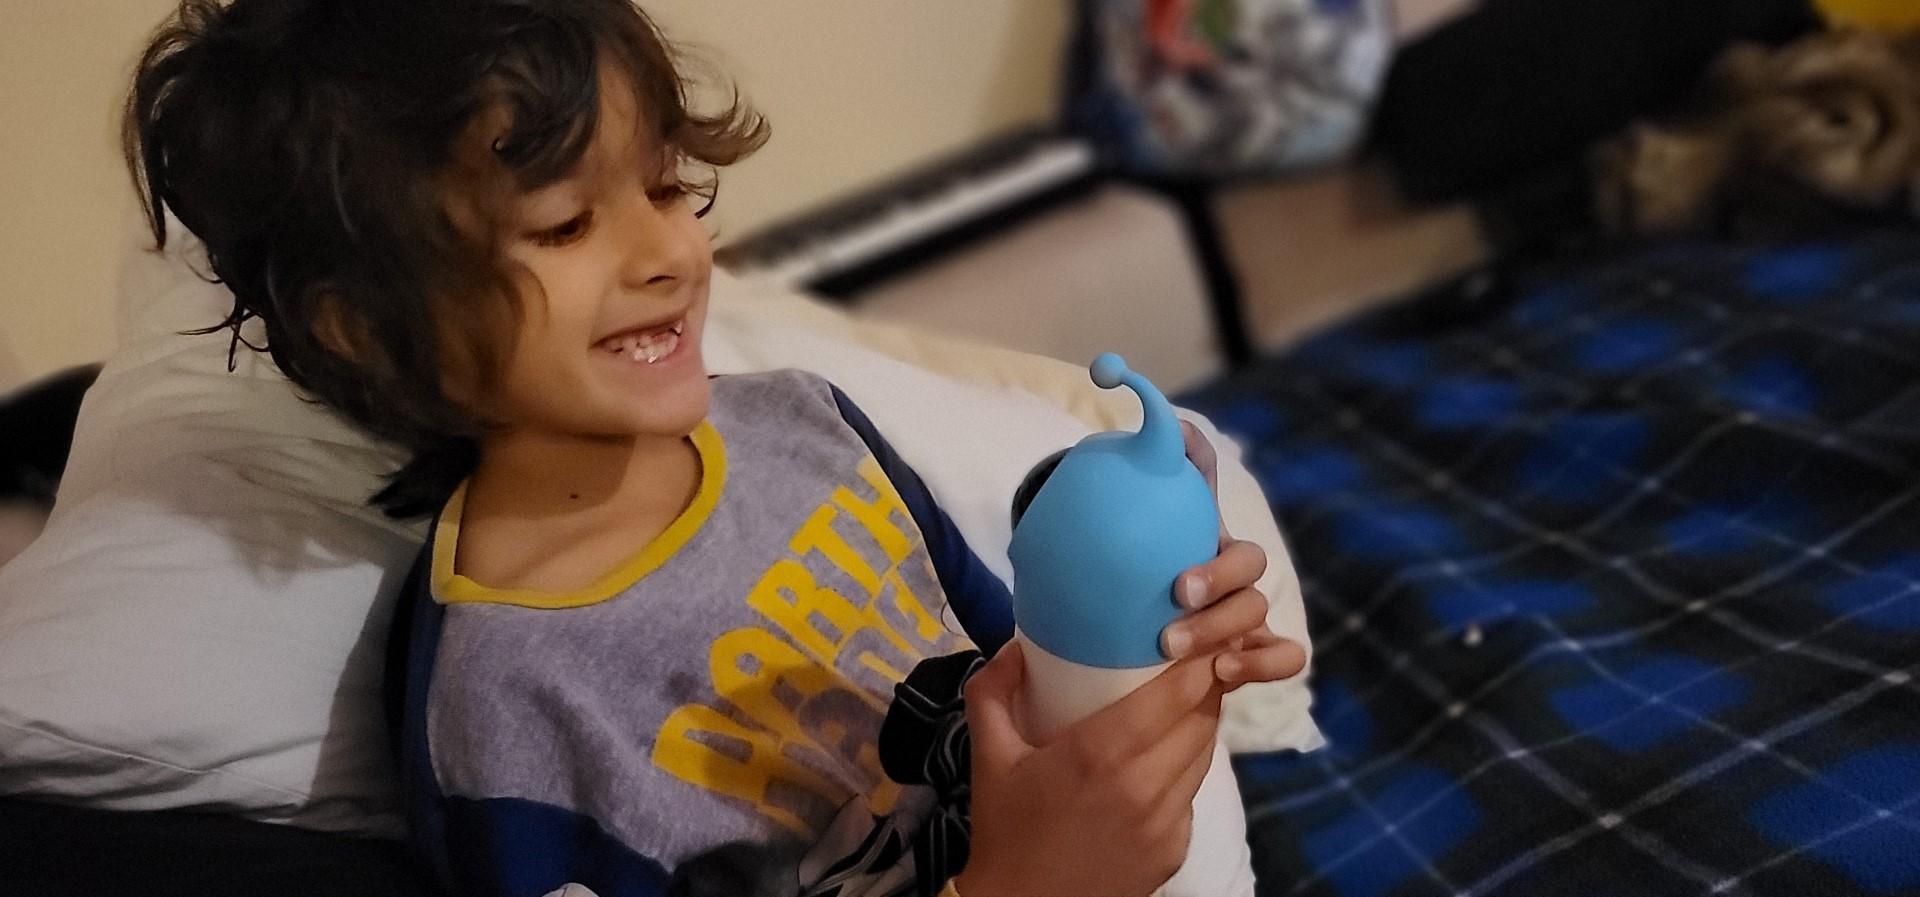 boy smiling at Roybi Robot Review